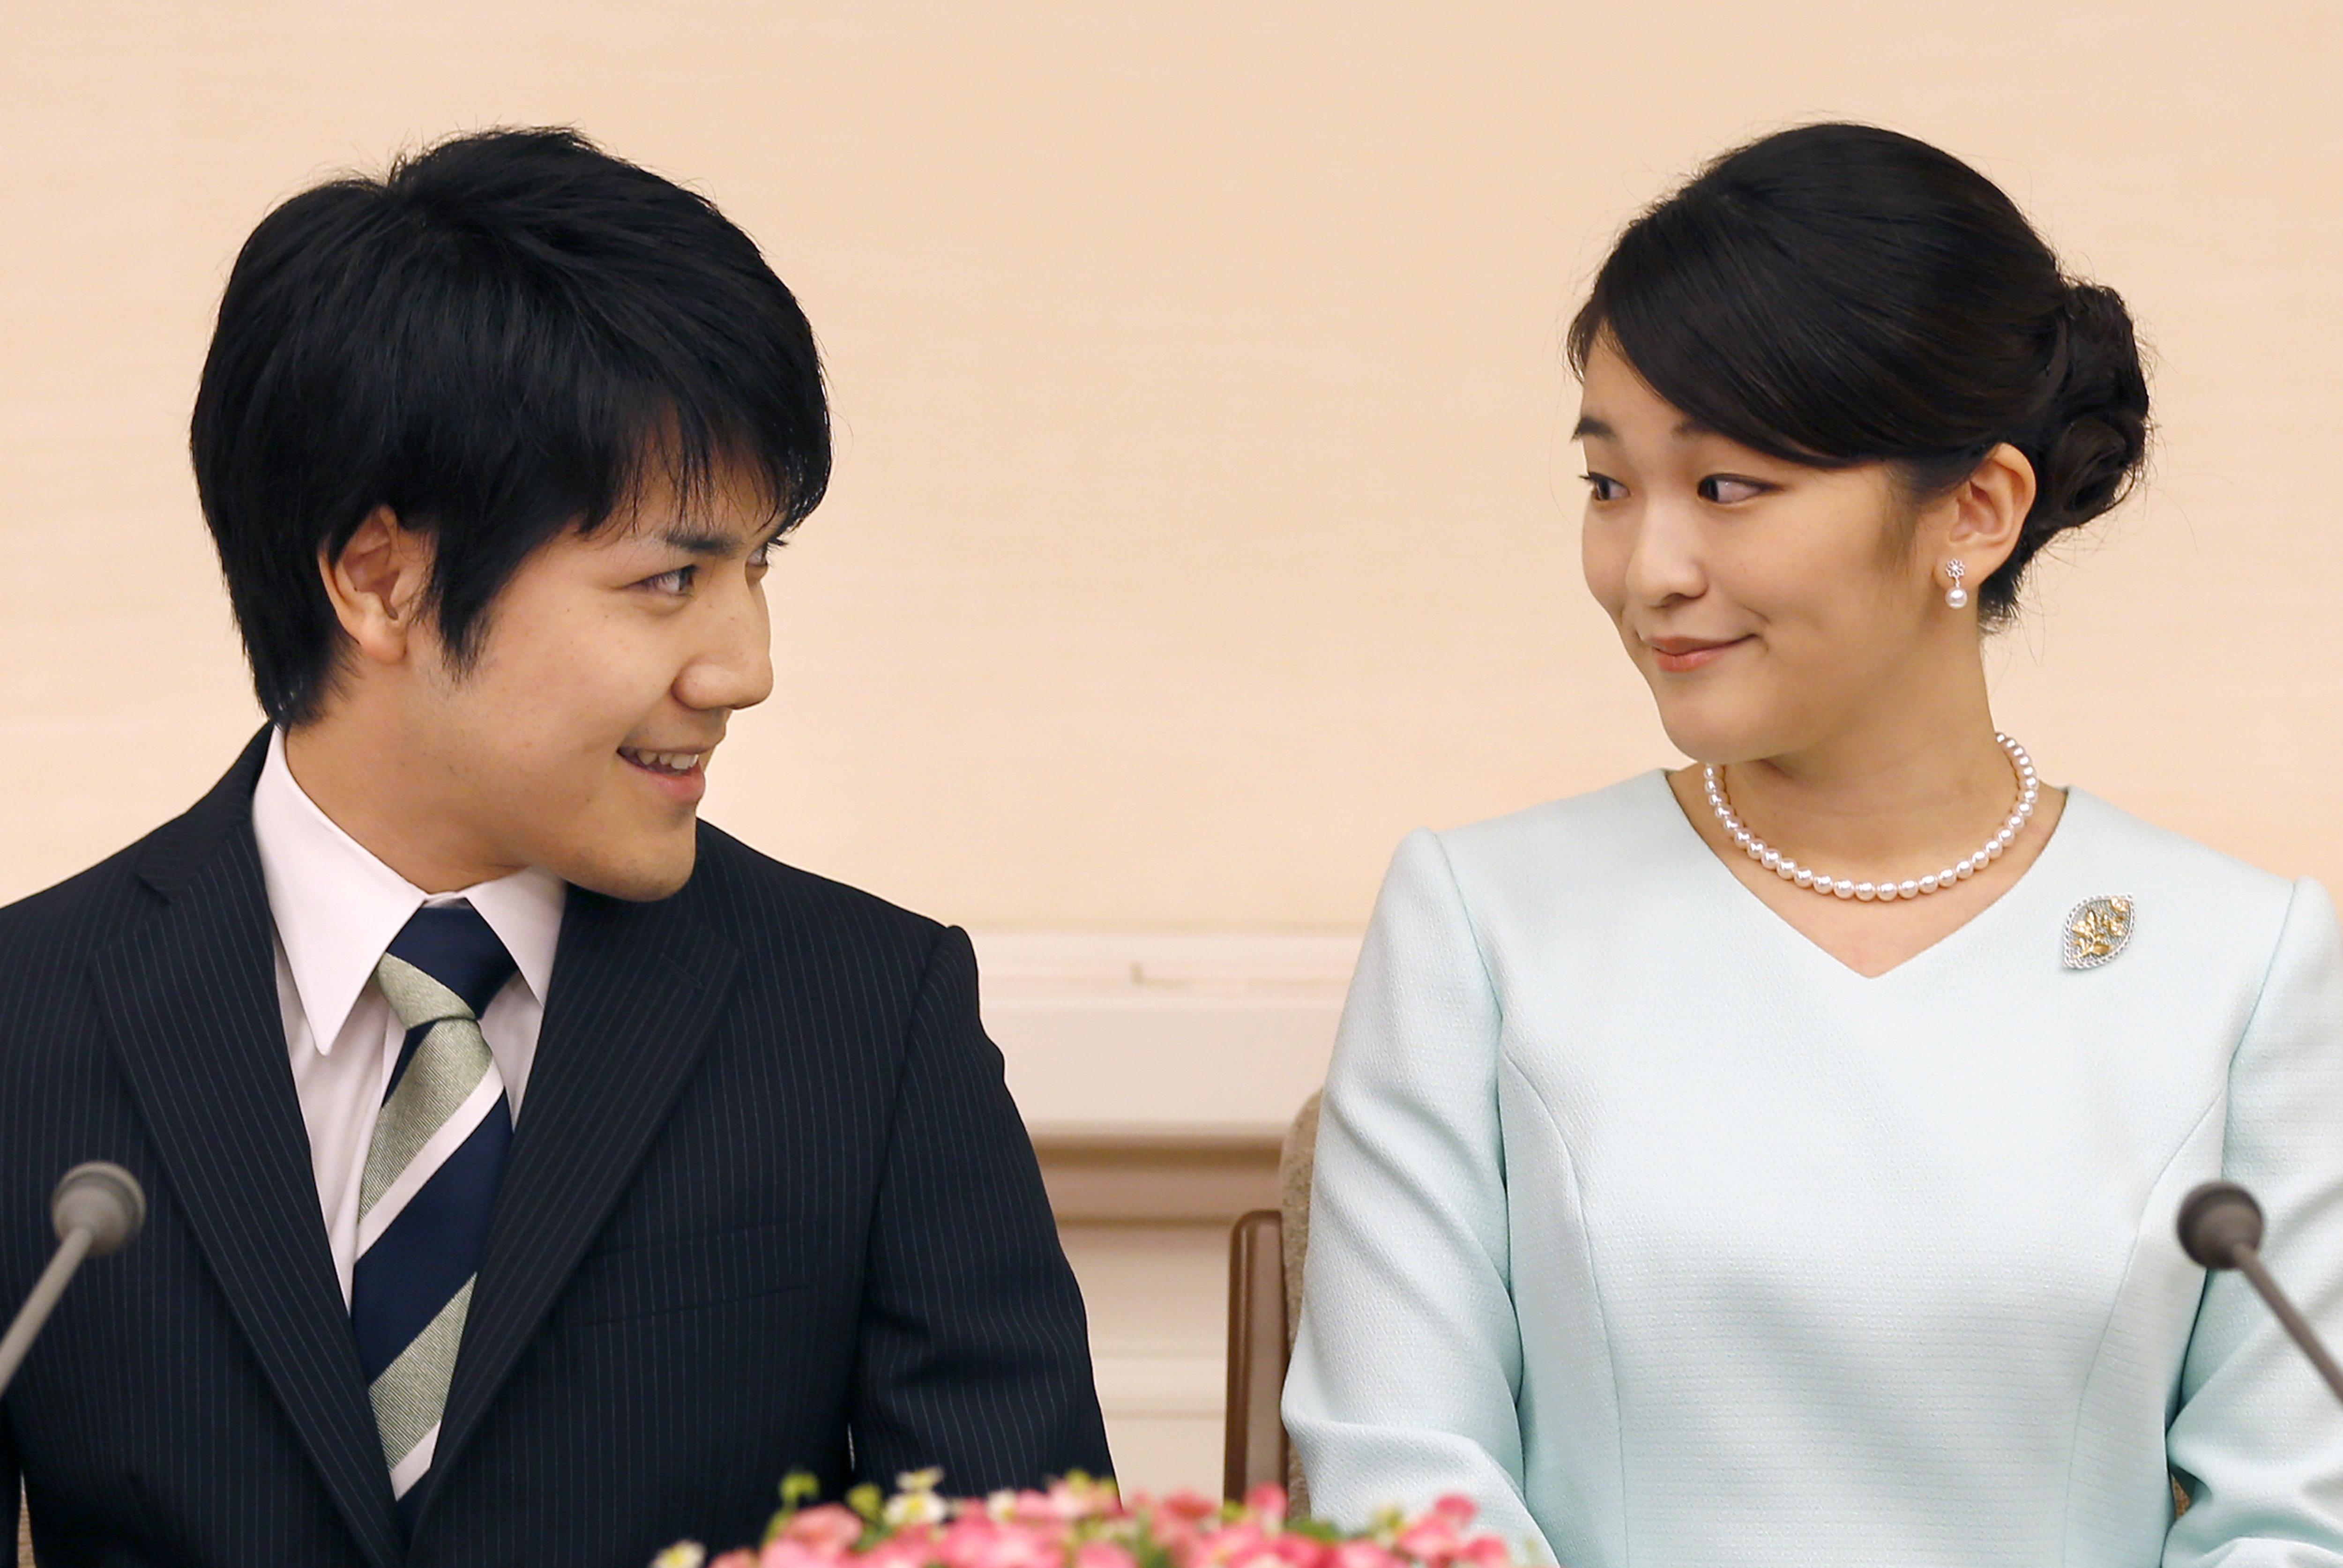 일본 마코 공주가 결혼을